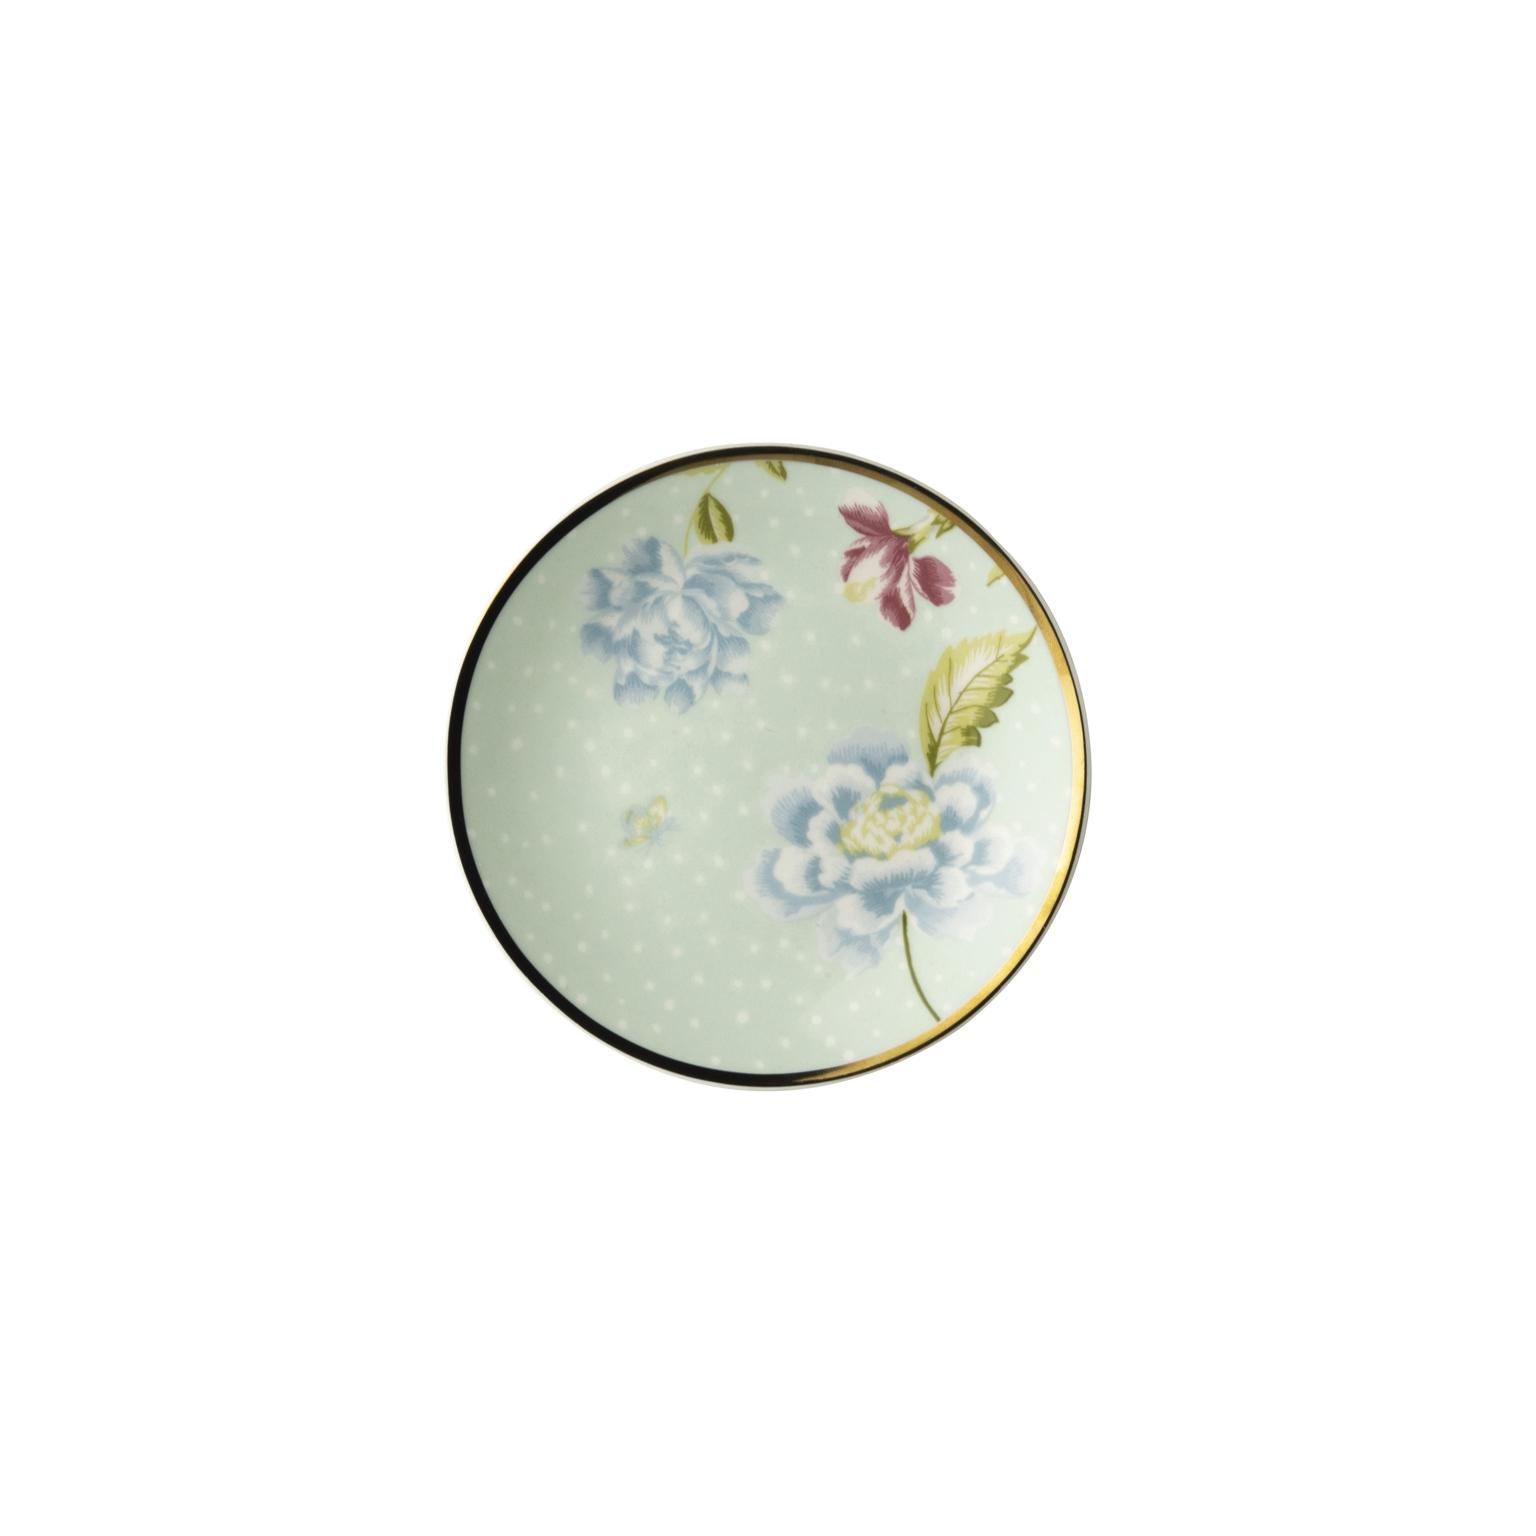 """Онлайн каталог PROMENU: Тарелка пирожковая """"Цветы"""" Laura Ashley HERITAGE, диаметр 12 см, мятный с цветами                                   180431"""